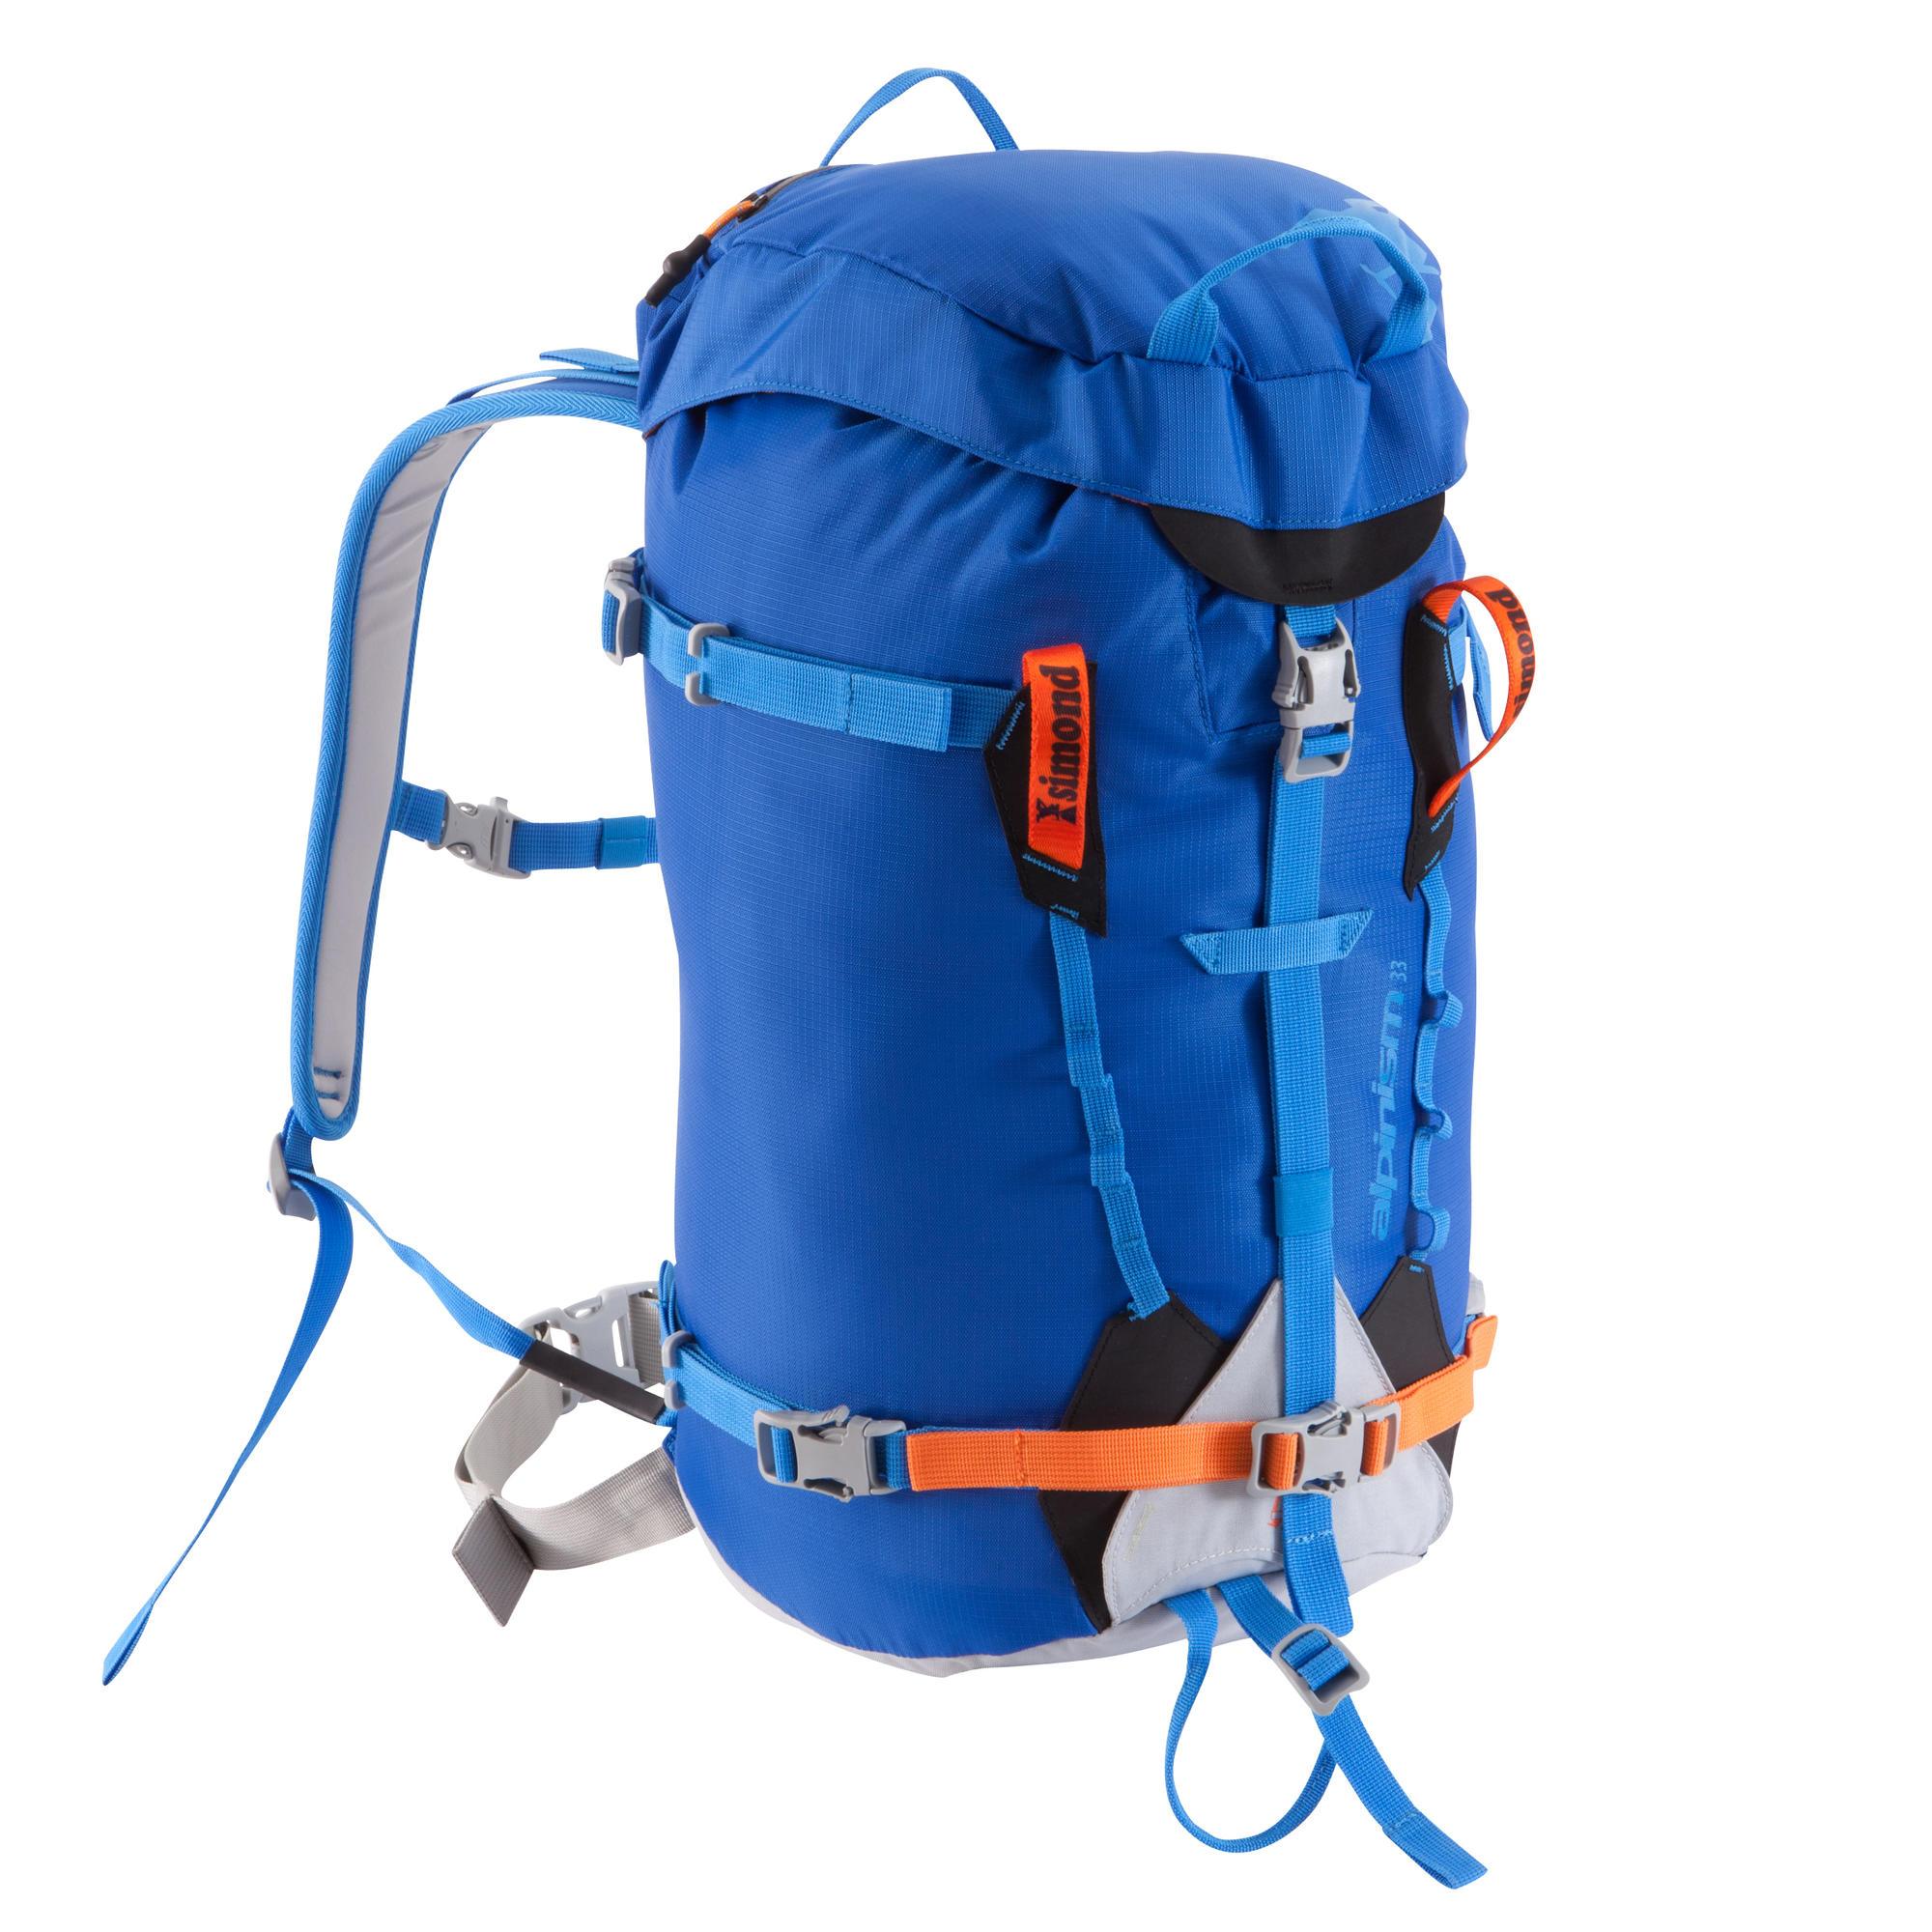 Sac A Dos Alpinism 22 Marine- Simond Adulte Bleu PzEhFux